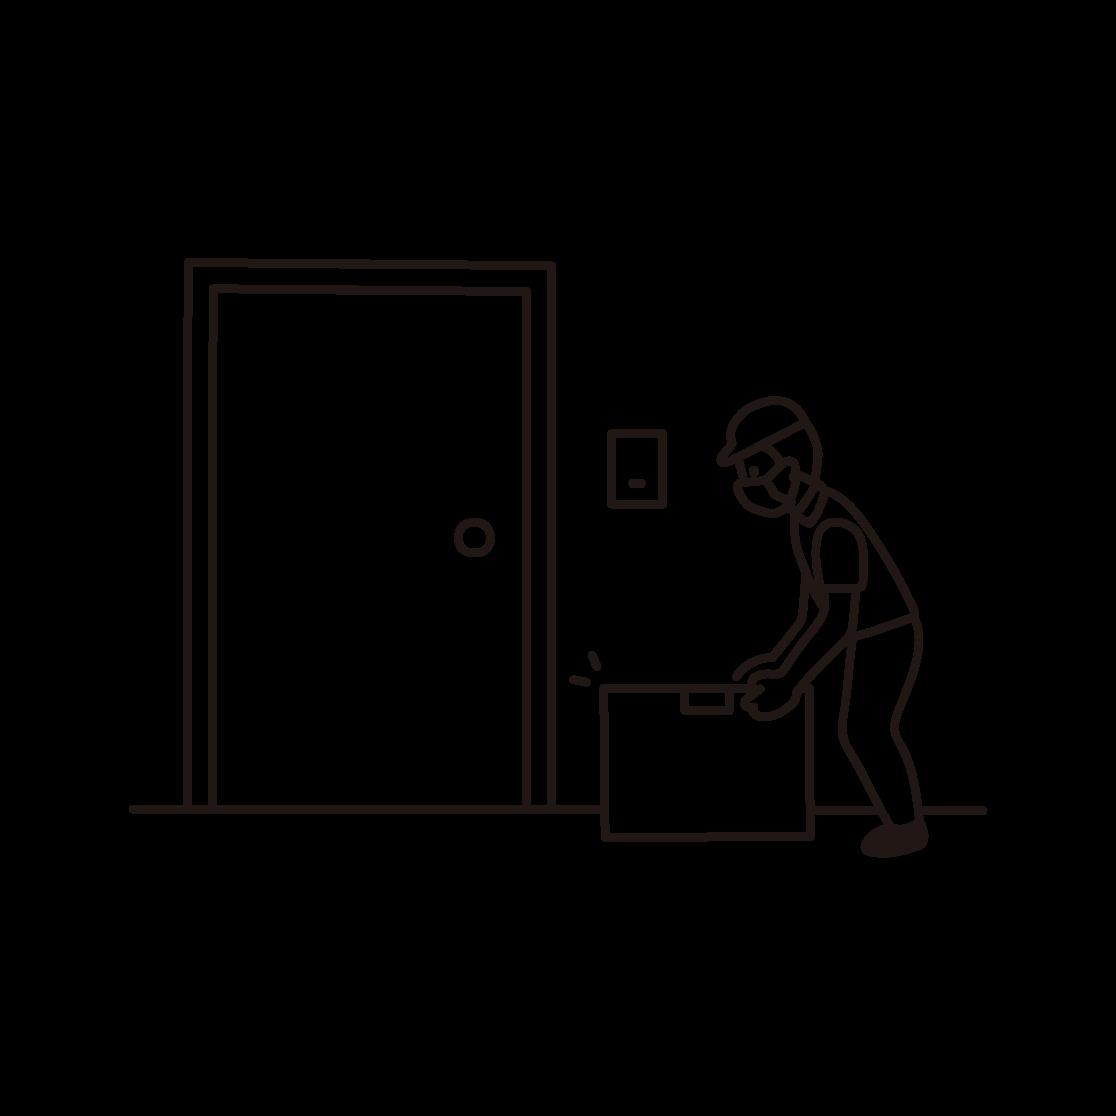 置き配をする配達員の線画イラスト